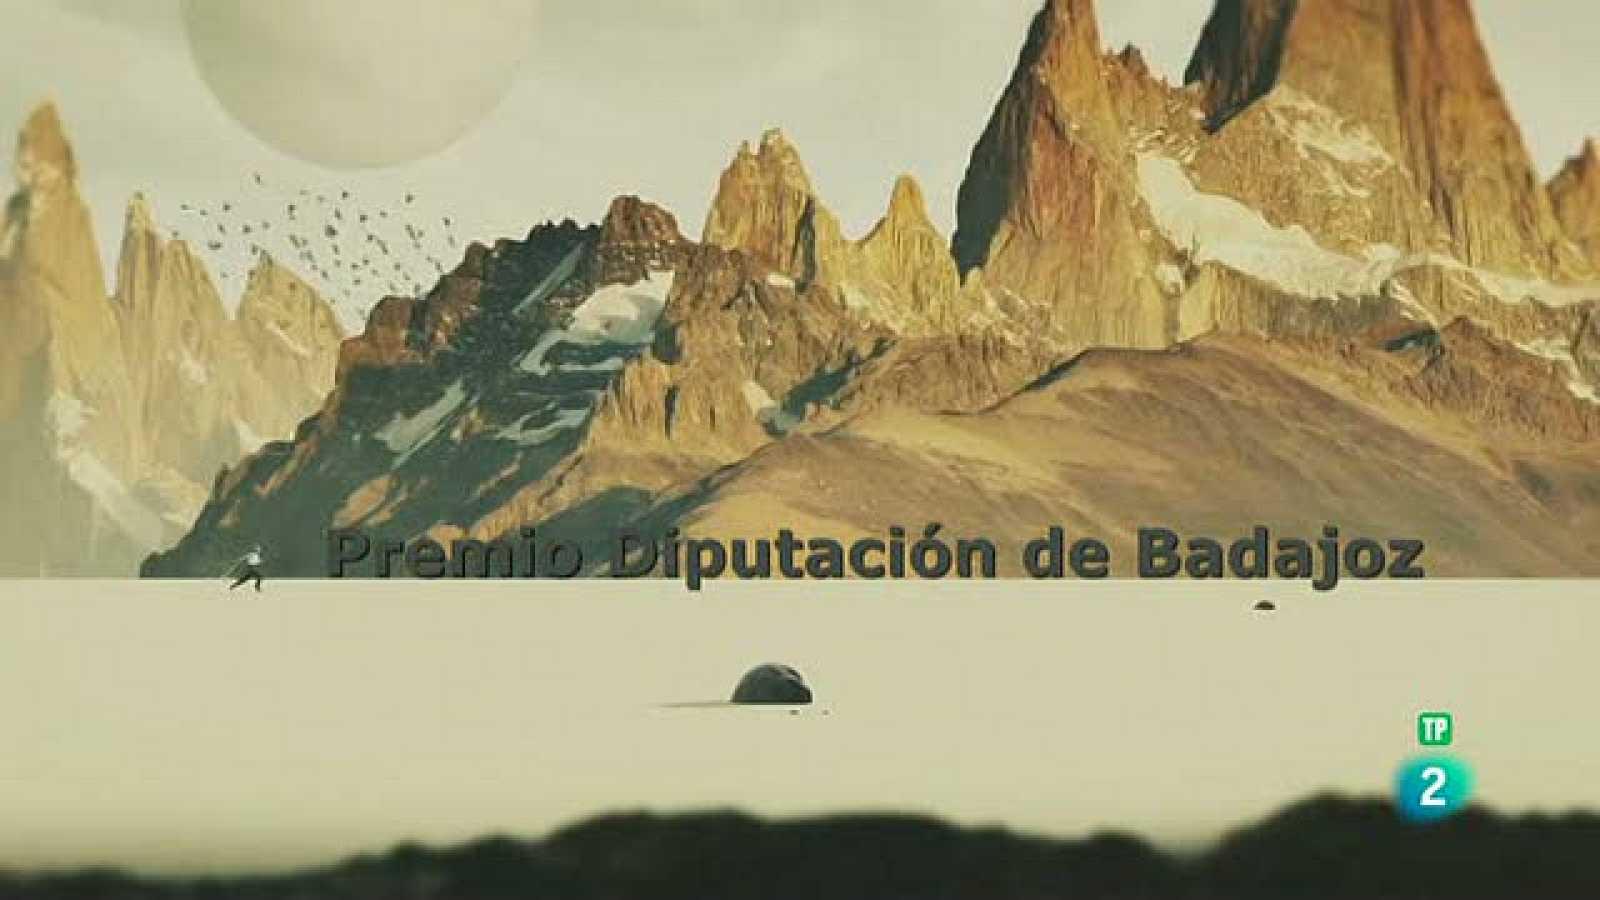 La Aventura del Saber. Serie 'Boek Visual'. Premio Diputación de Badajoz